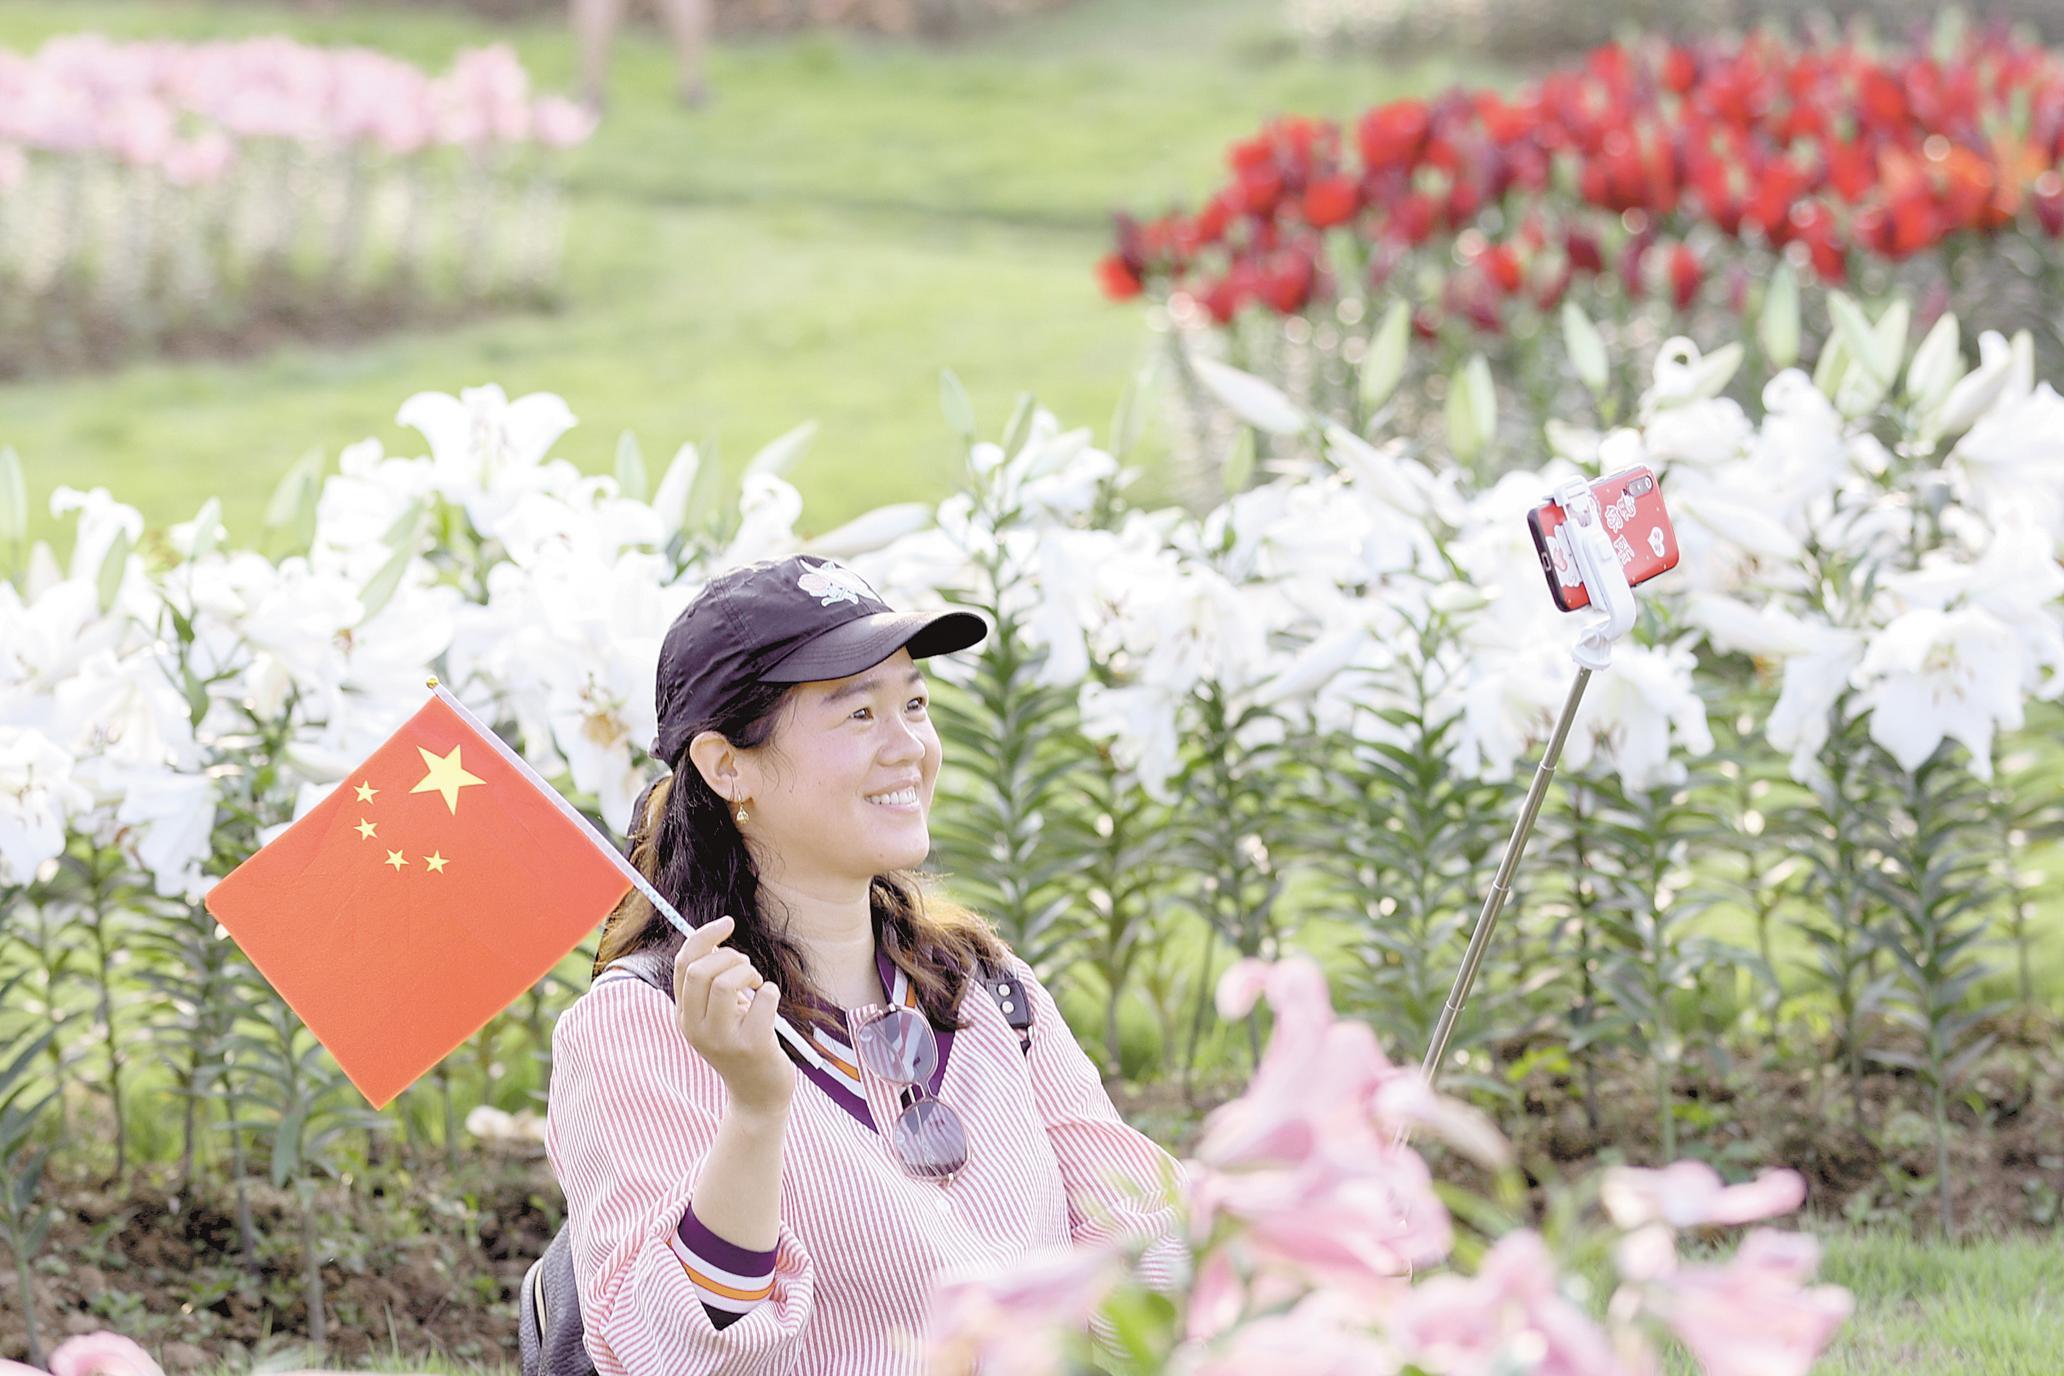 国庆黄金周第二天 湖北游客人数接近去年水平